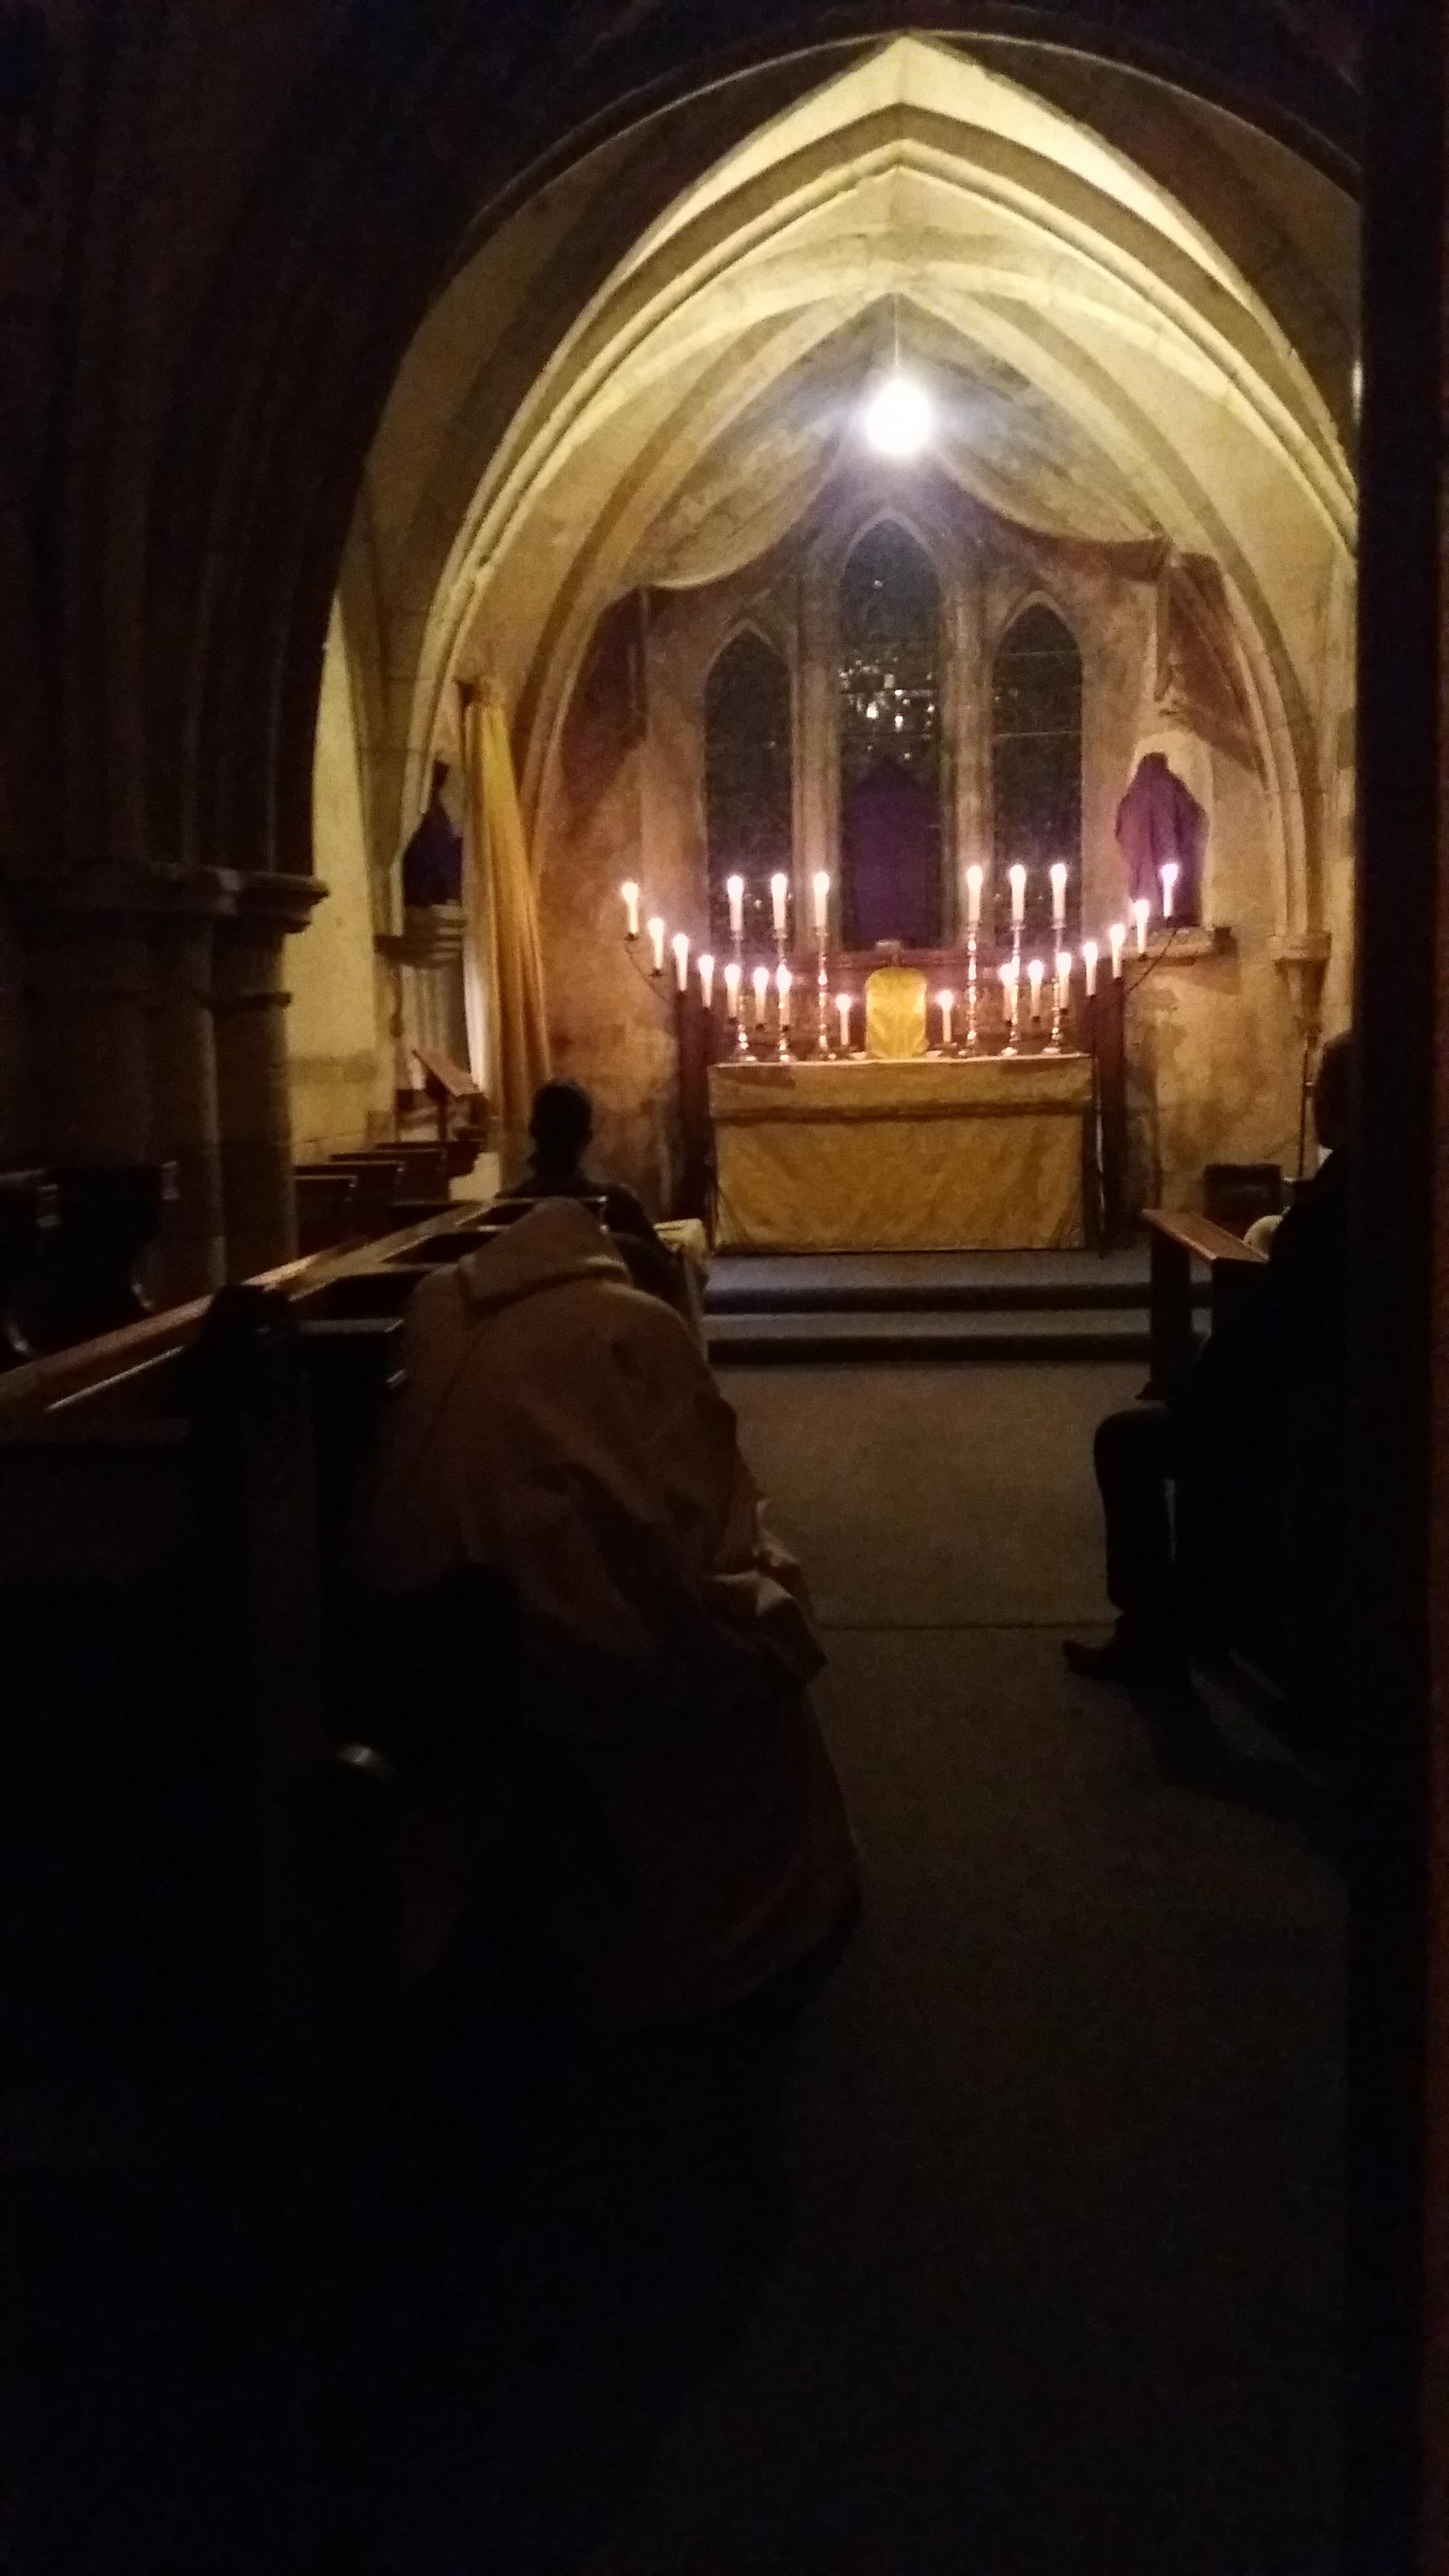 The Altar of Repose, Holy Thursday